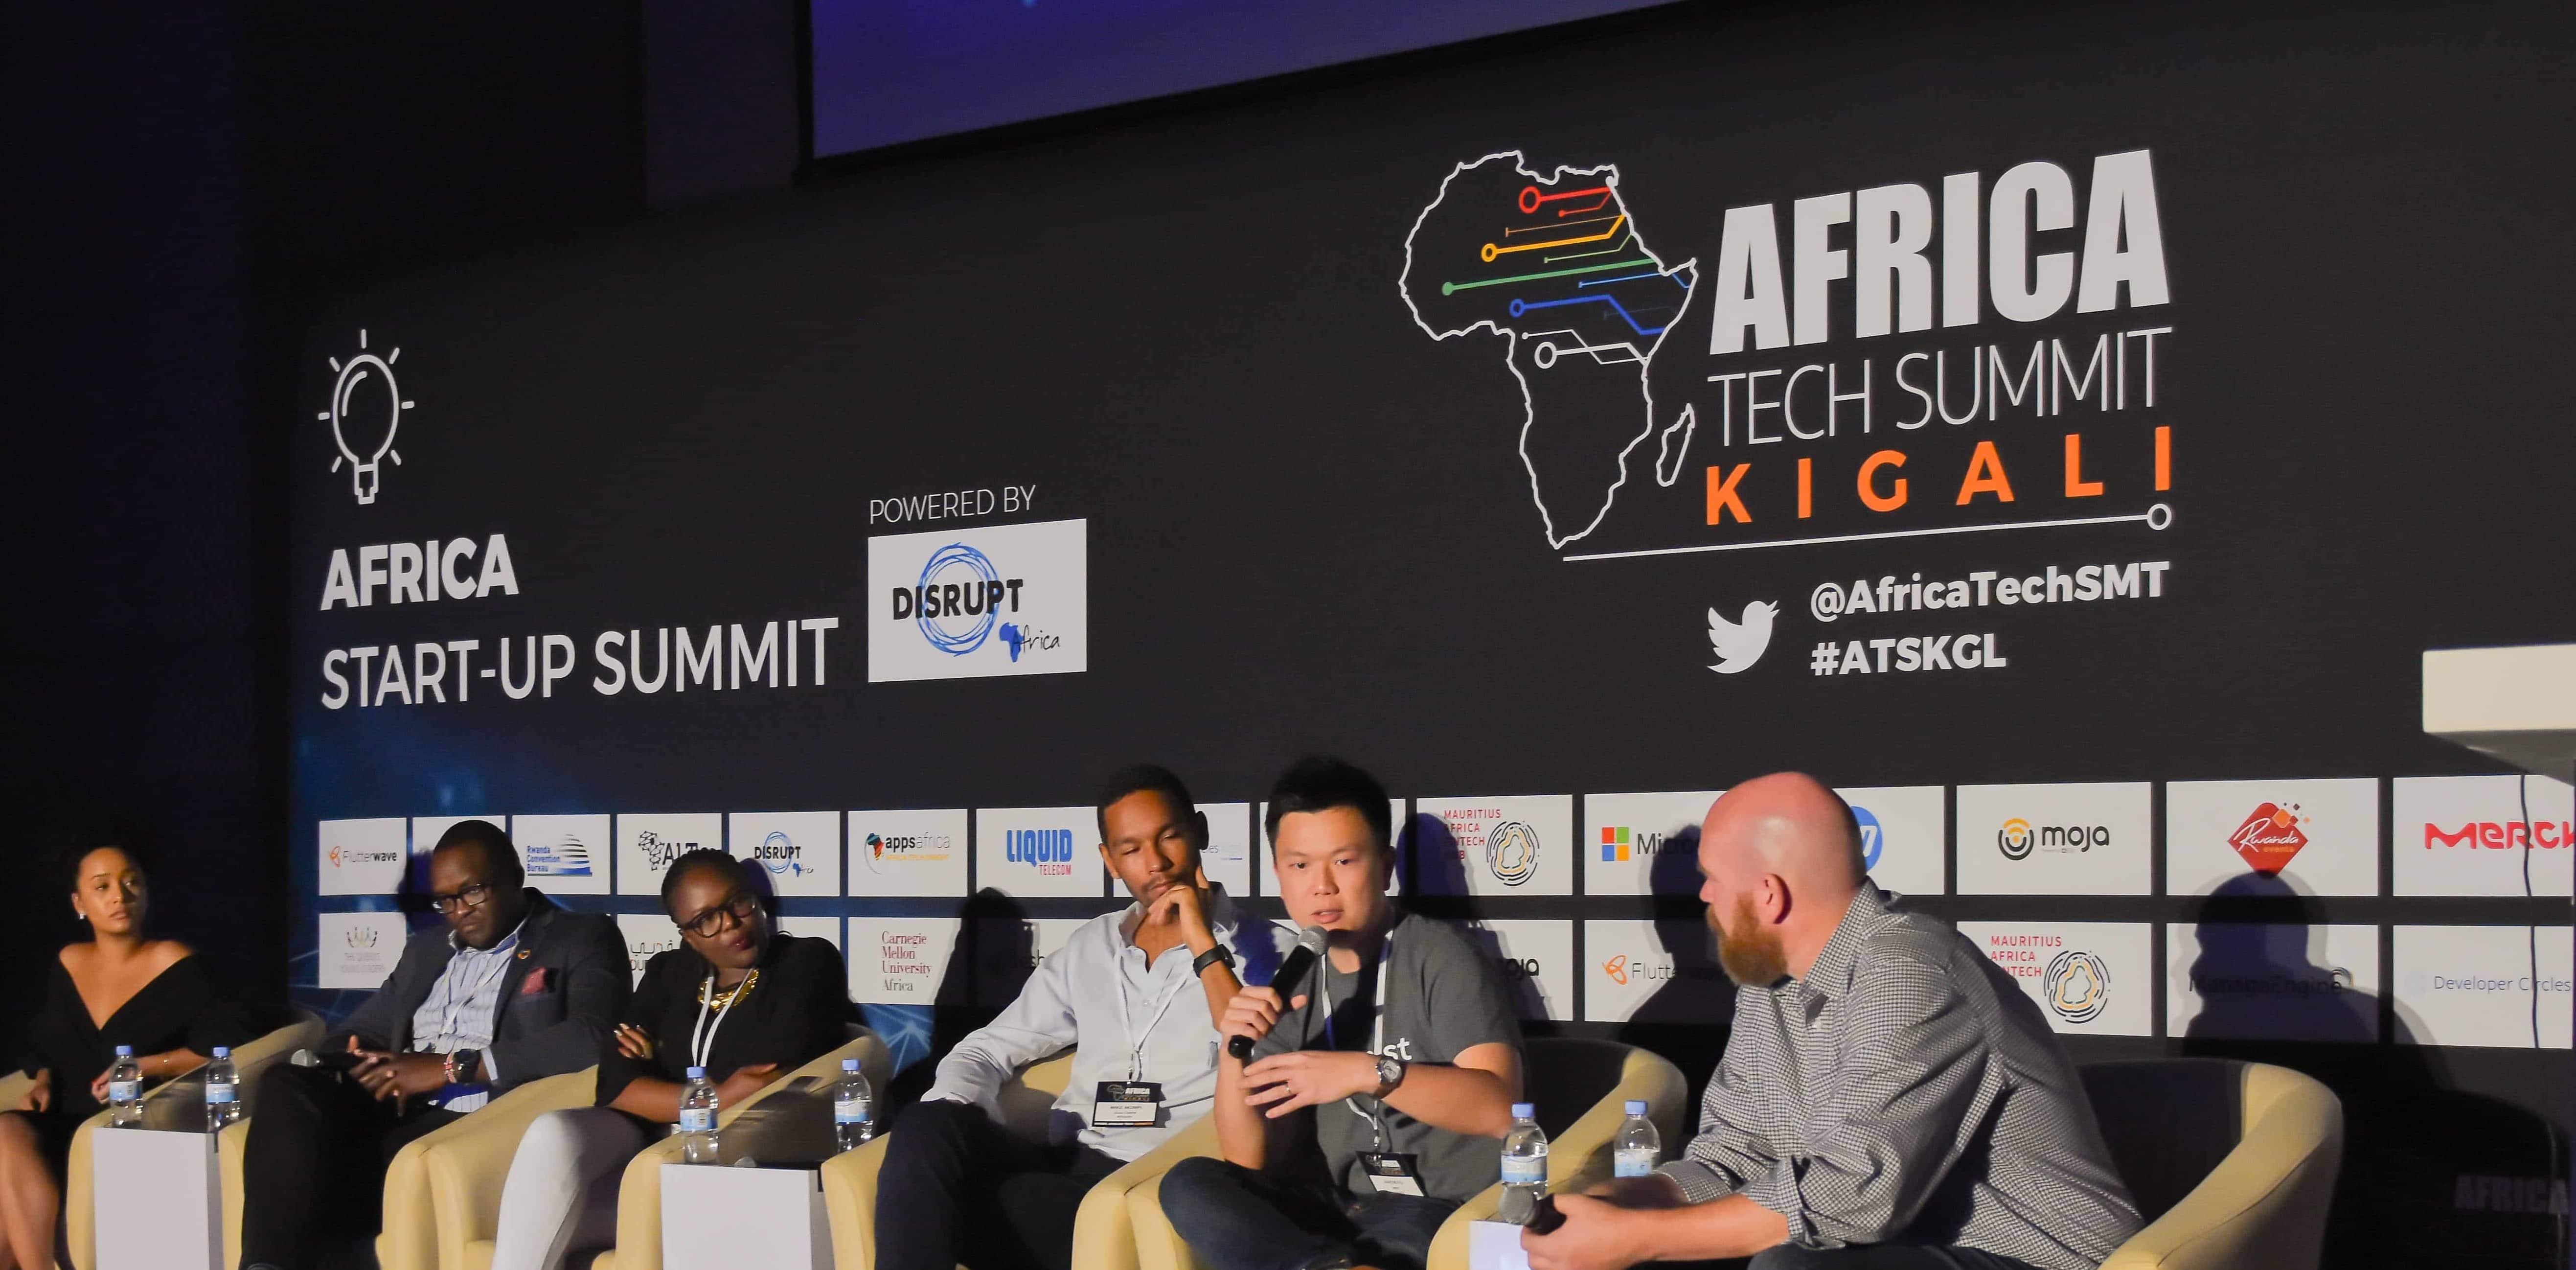 Africa Startup Summit returns to Rwanda